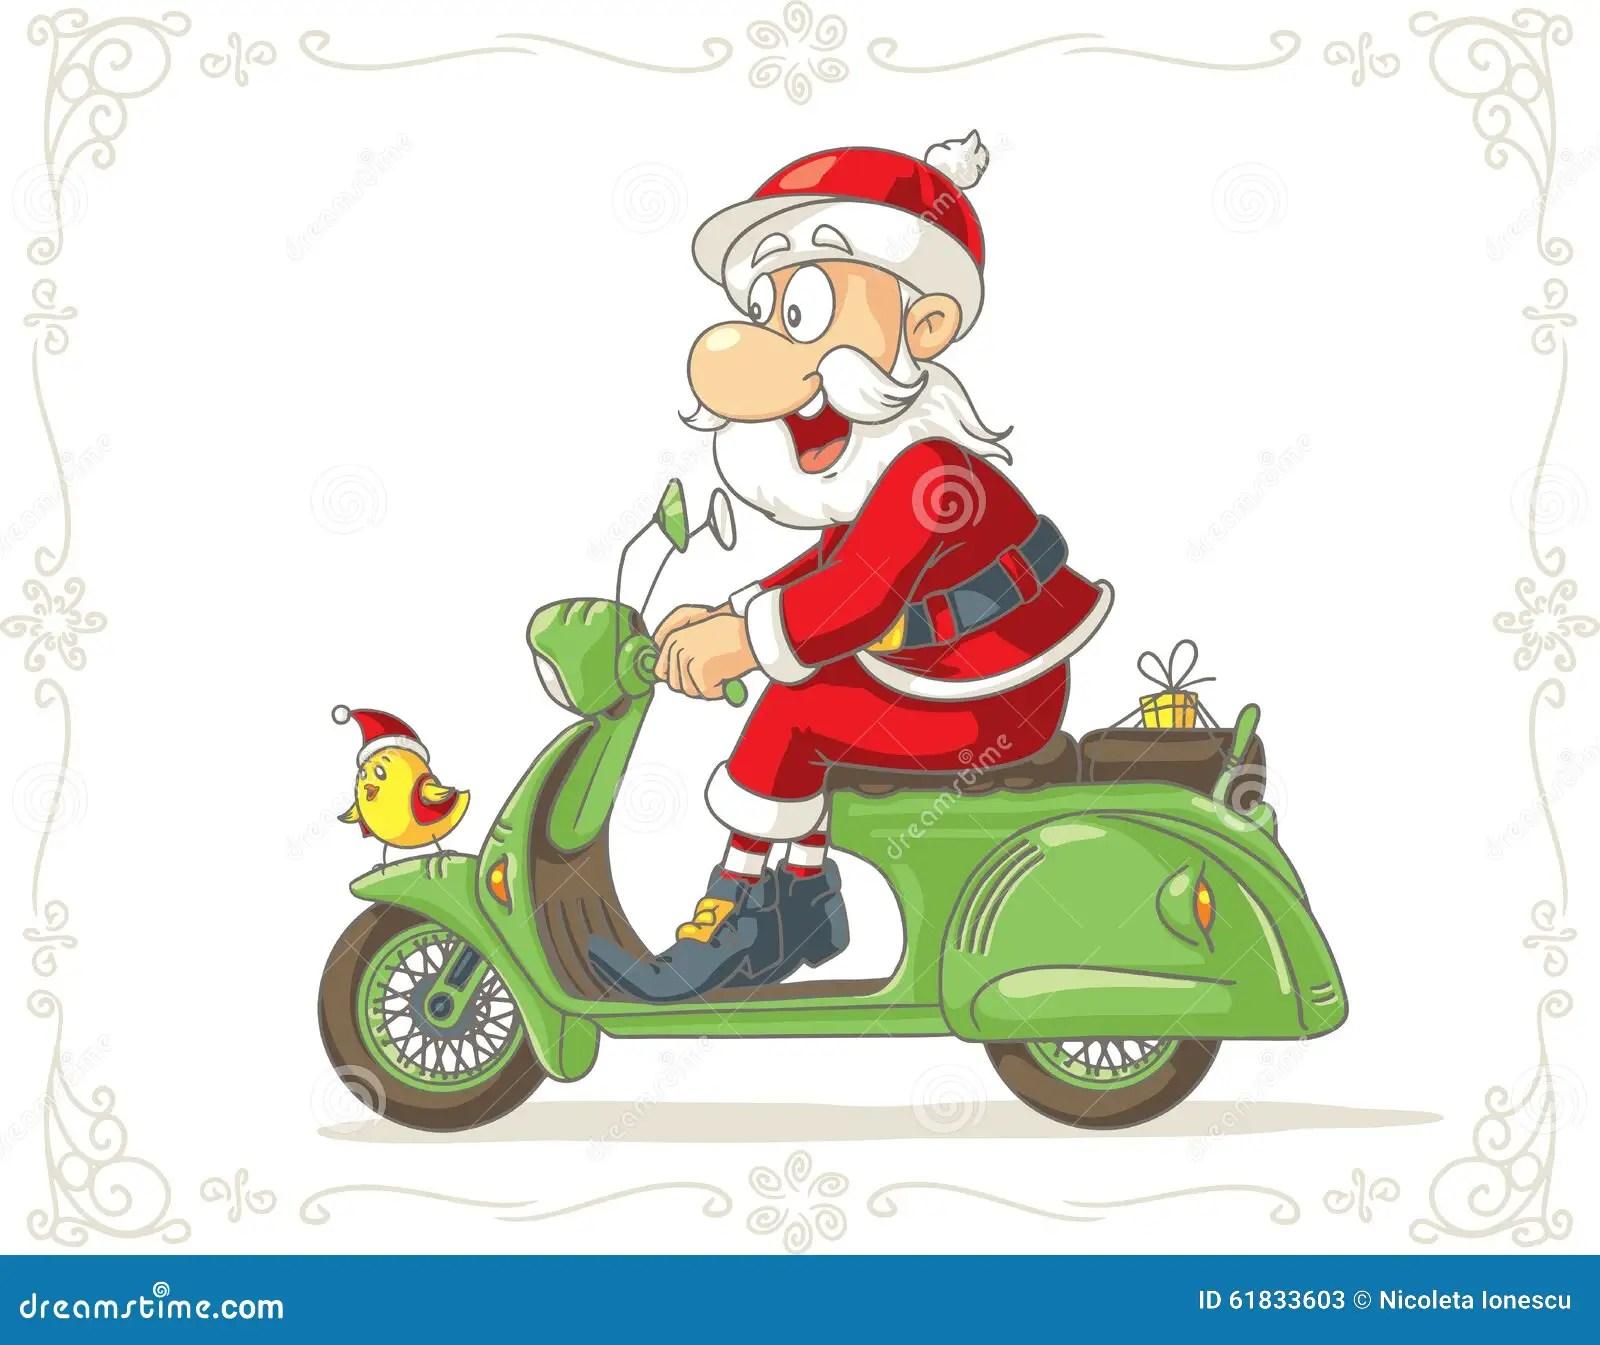 Santa Claus On A Scooter Vector Cartoon Stock Vector